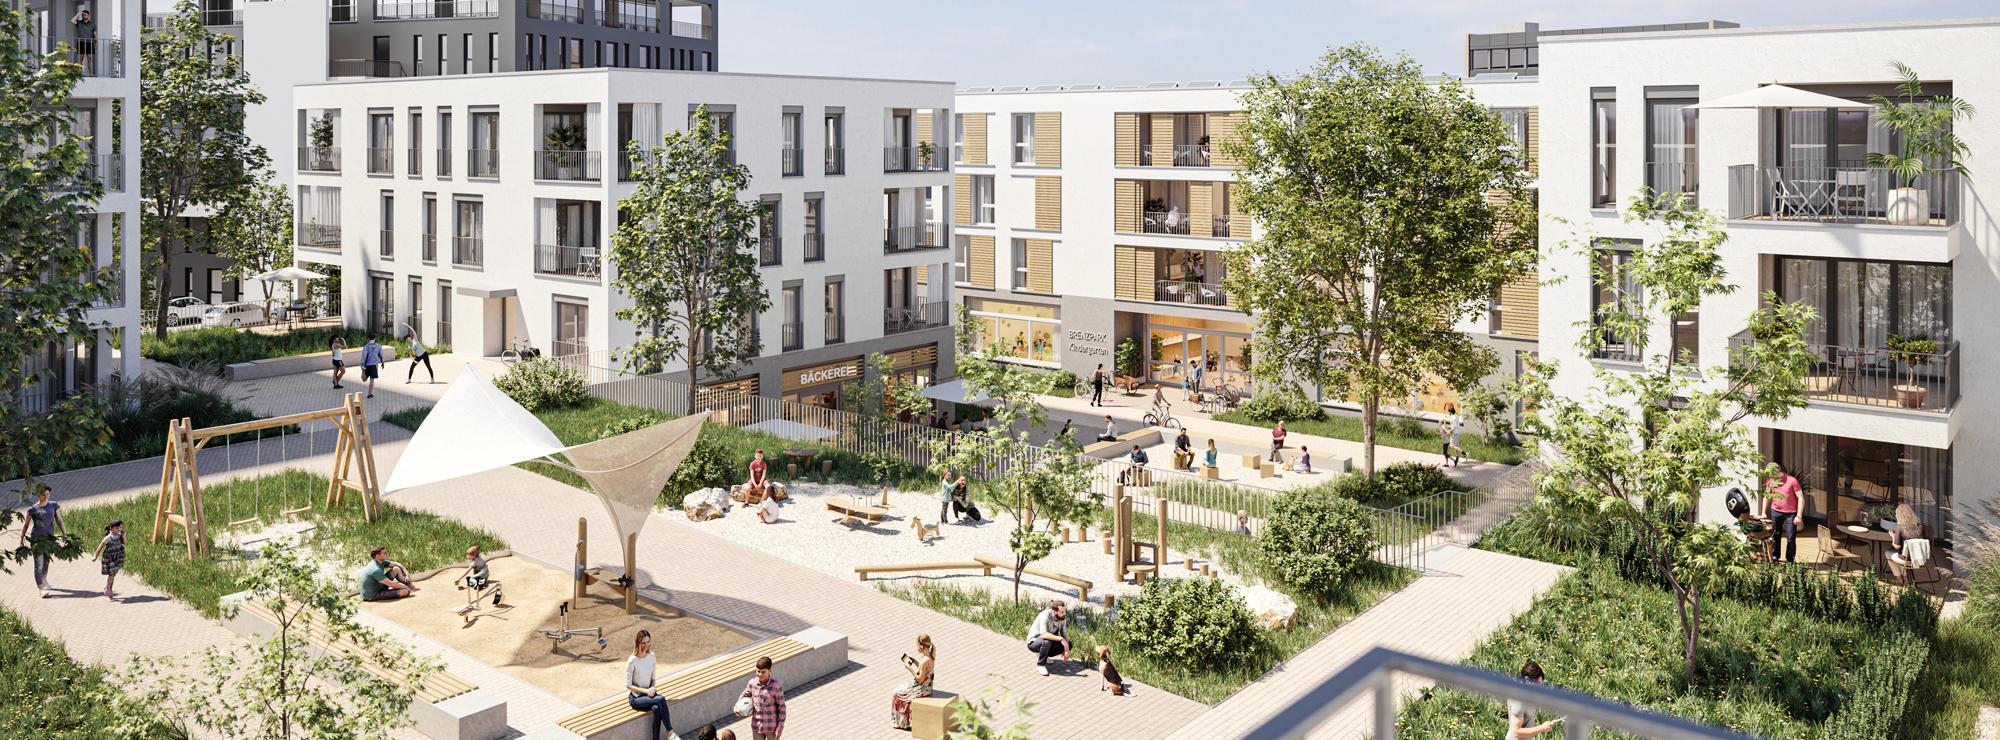 Brenzquartier_Heidenheim_Rahmenplan_Wohnen_ppas